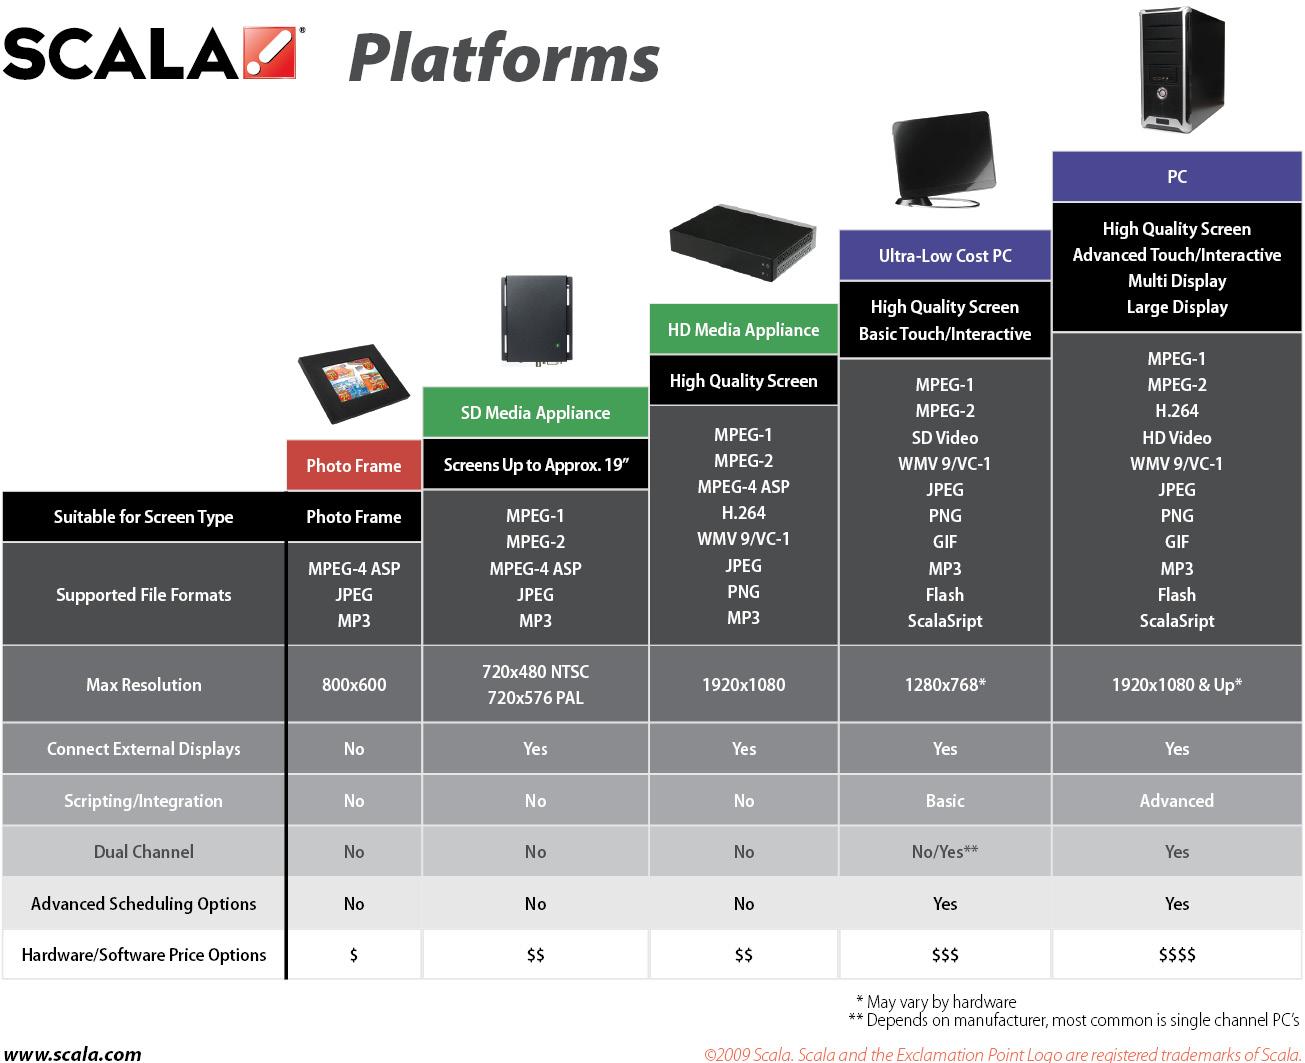 Platform Options